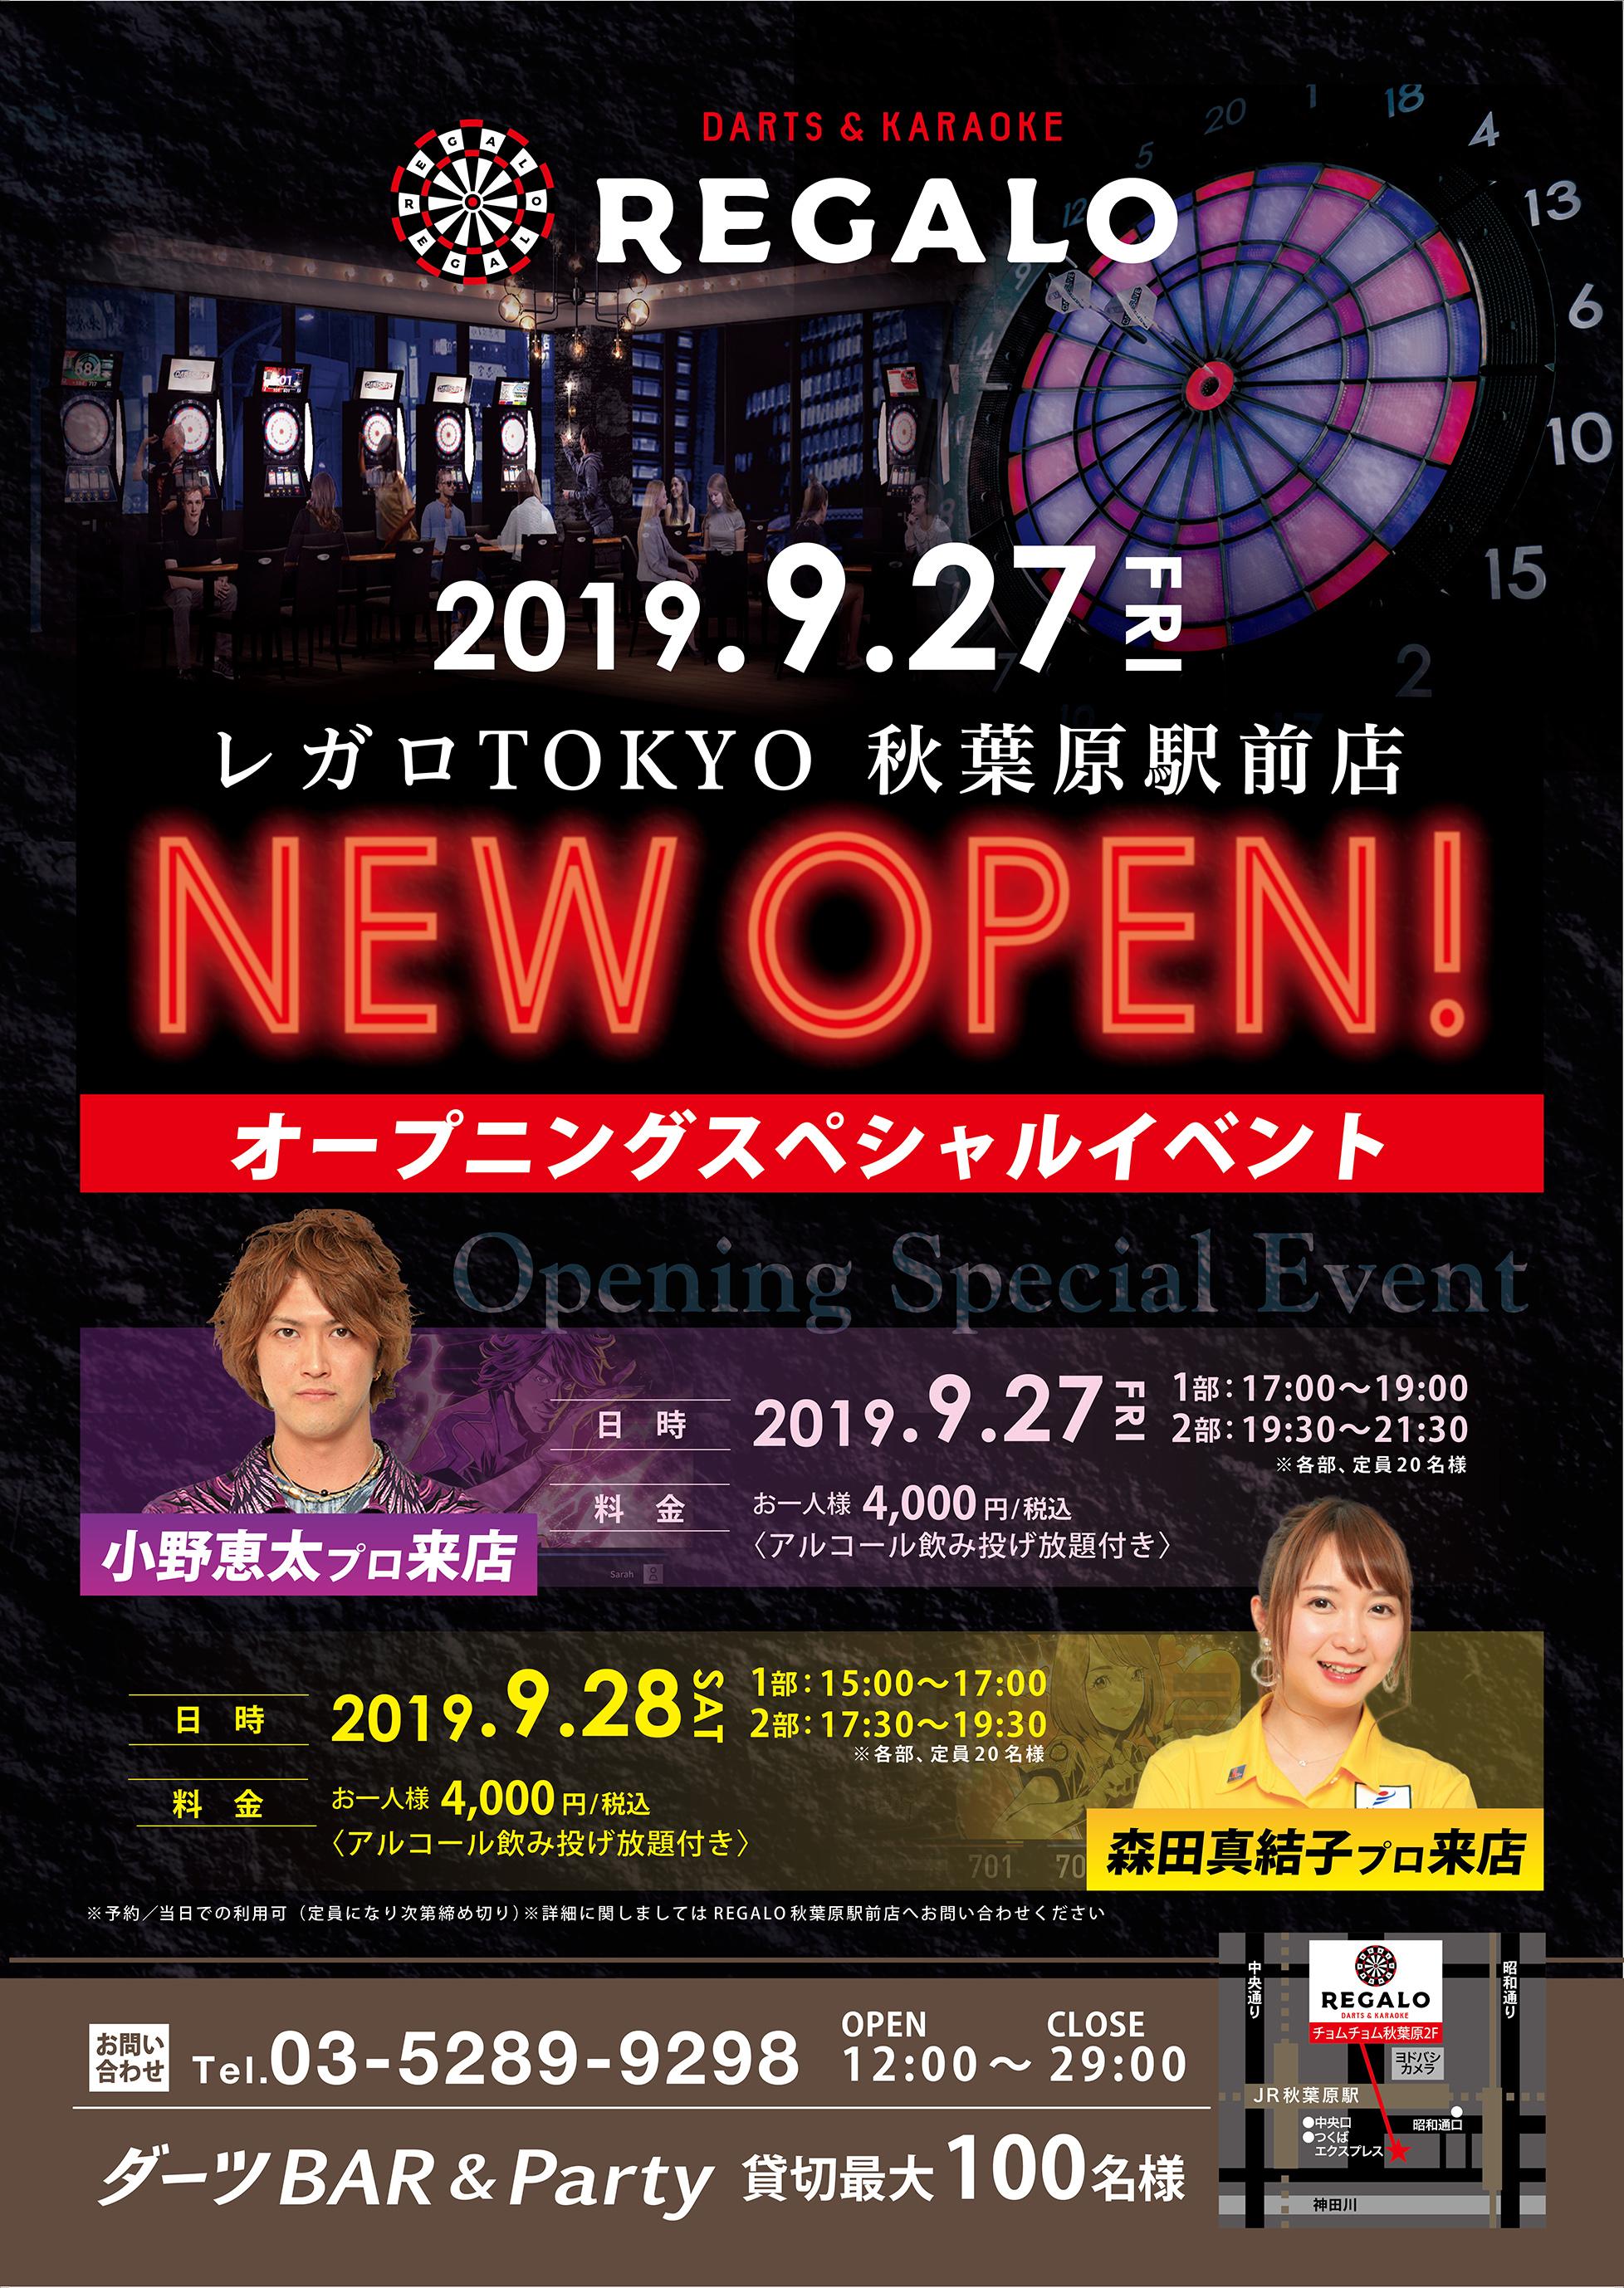 レガロTOKYO 秋葉原駅前店 9月27日 オープ二ングスペシャルイベント